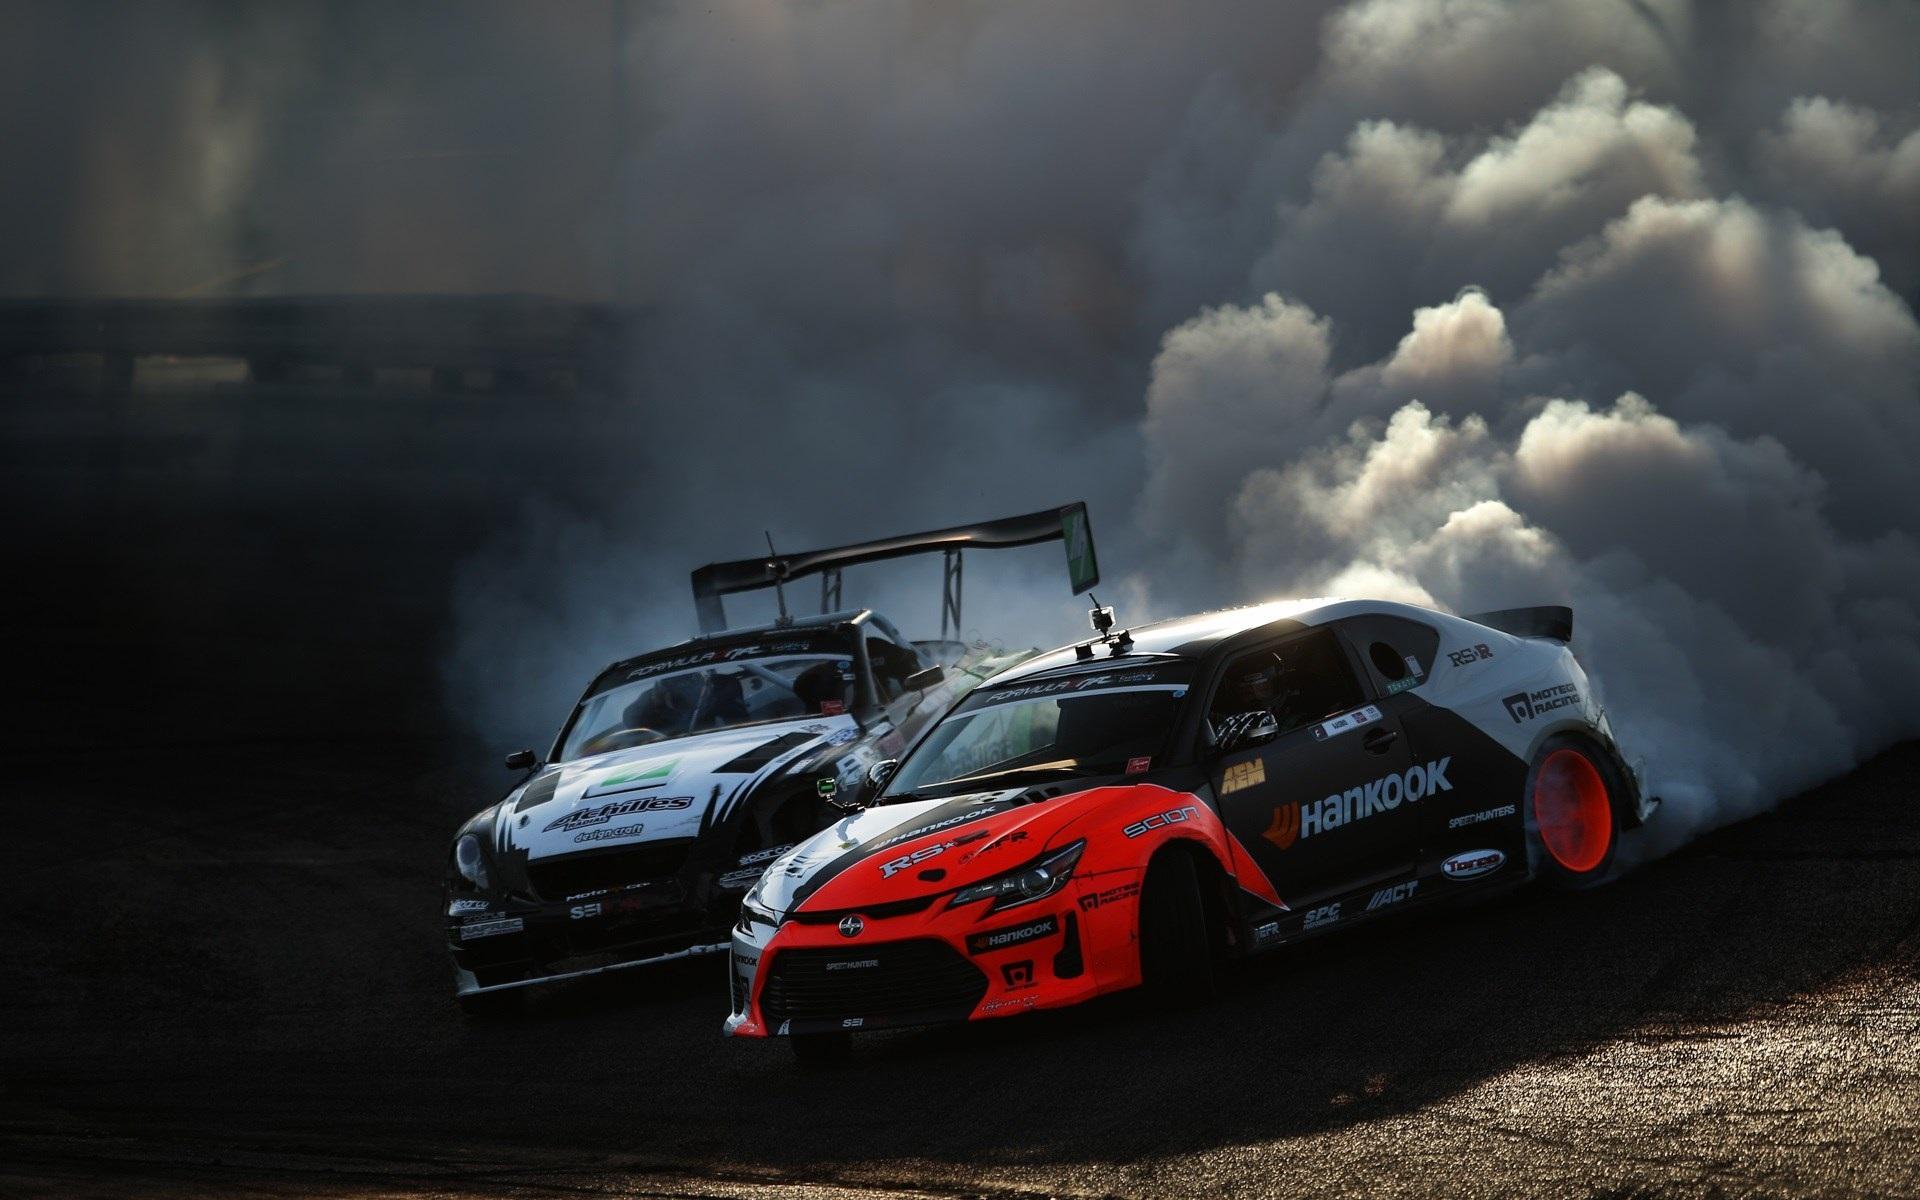 壁紙 レースカー ドリフト 喫煙 19x10 Hd 無料のデスクトップの背景 画像